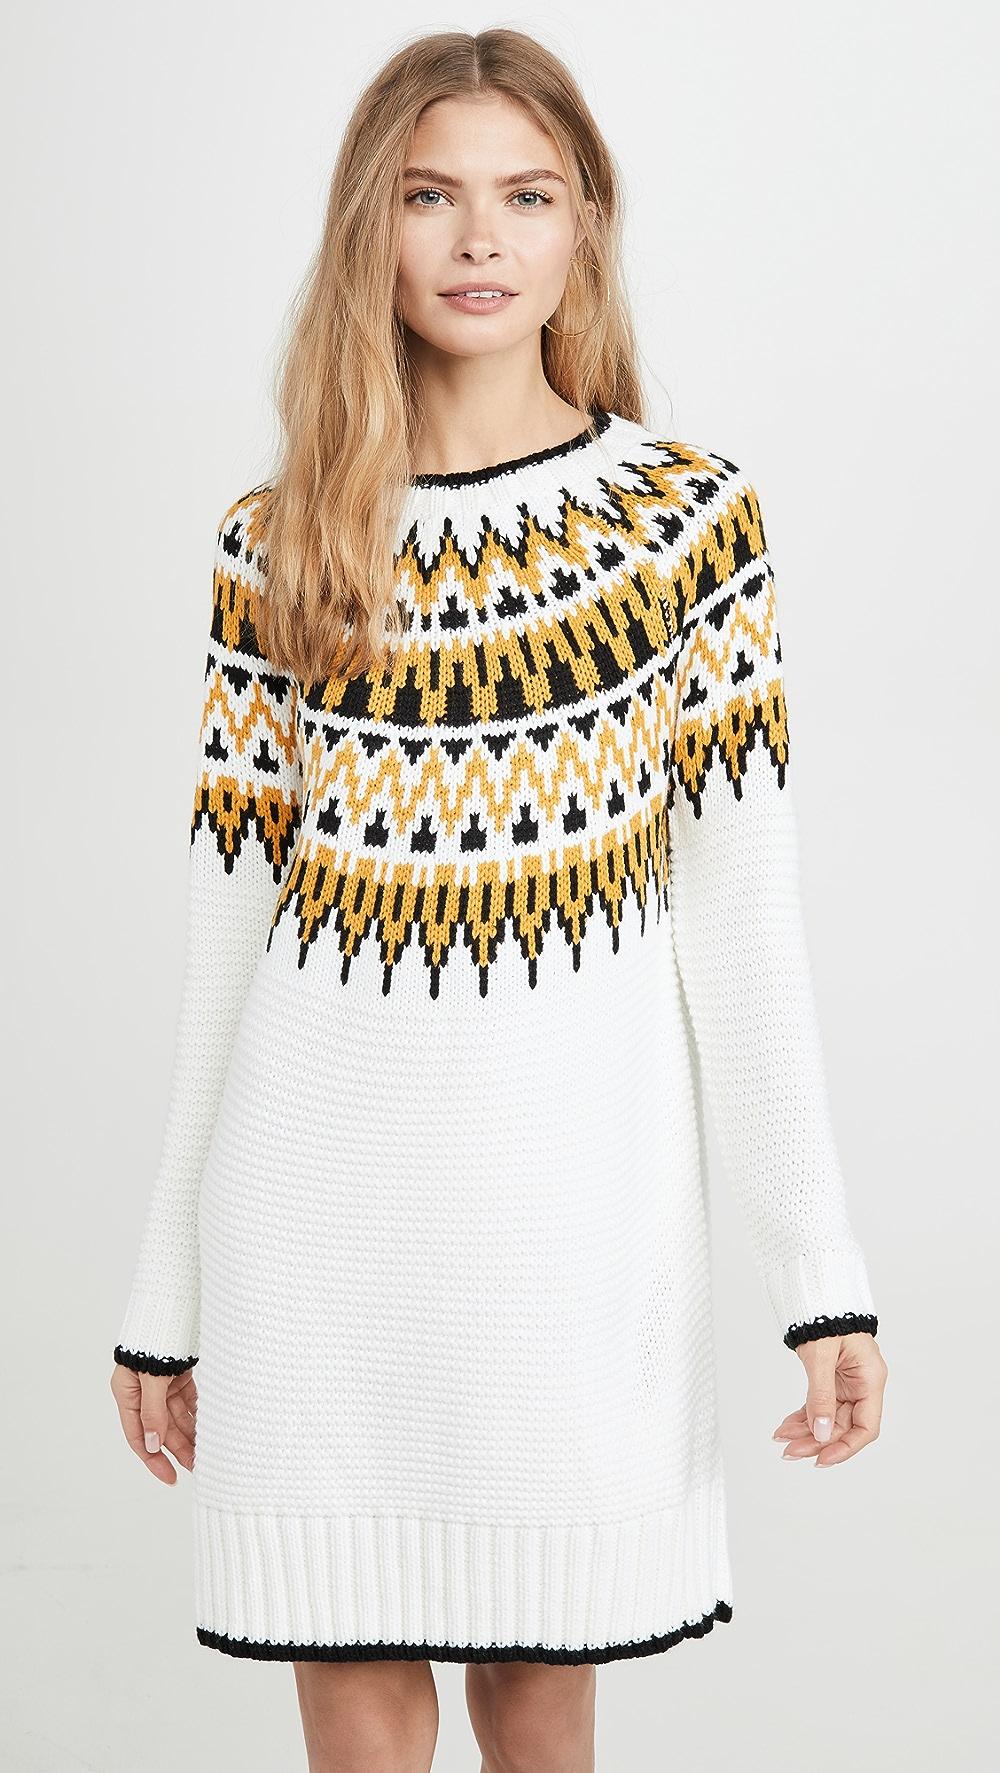 Active Minkpink - Imogen Fairsile Sweater Dress Various Styles